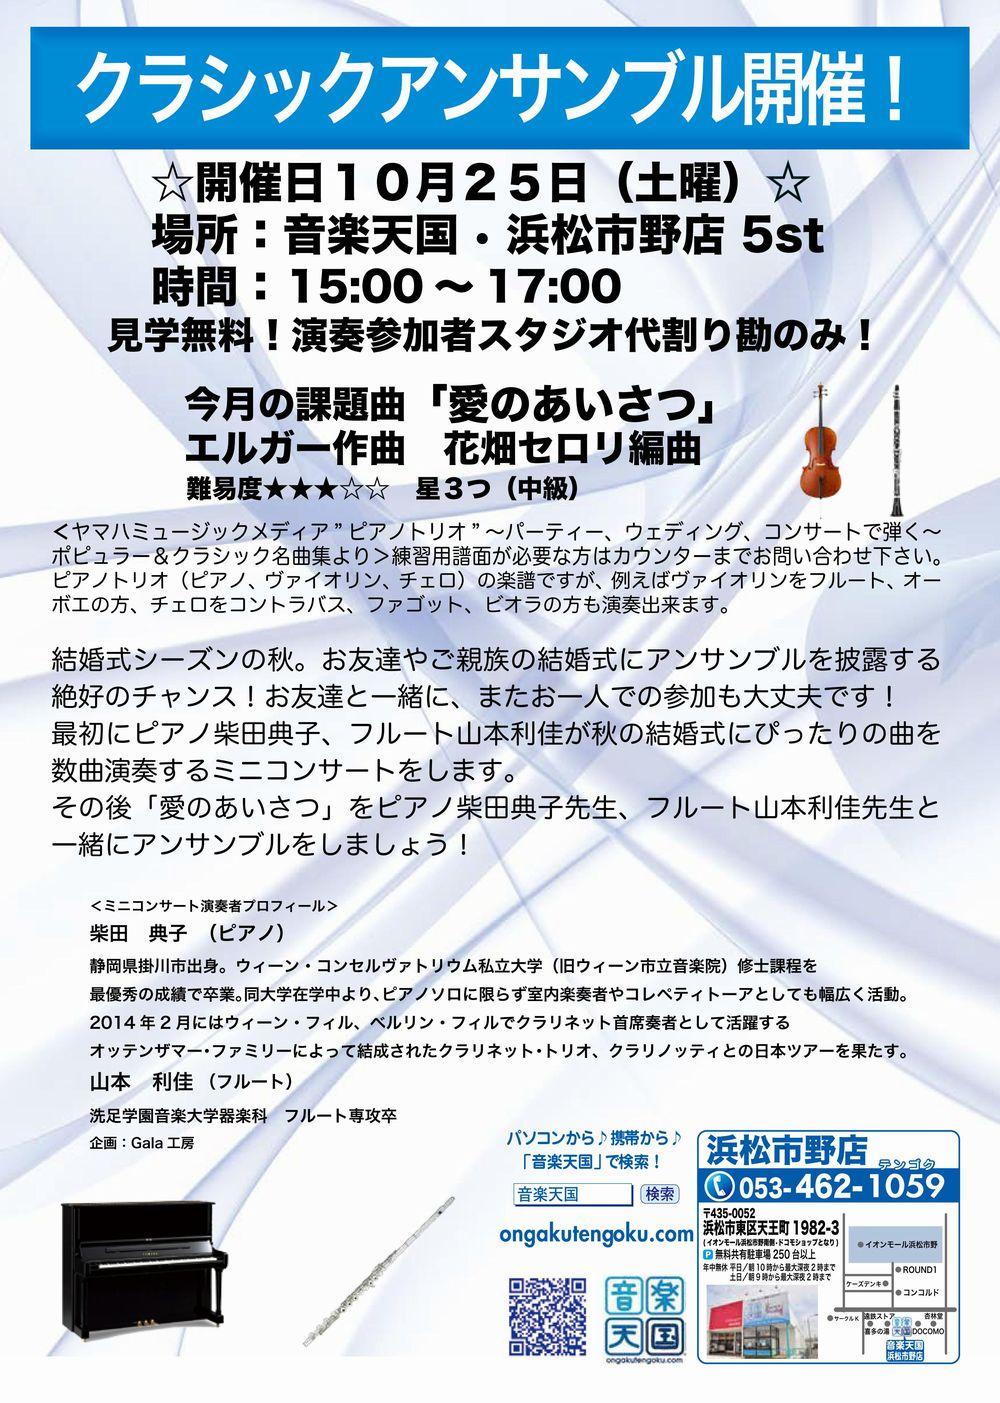 【クラシックアンサンブル】音楽天国・浜松市野店10月25日(土)初開催!